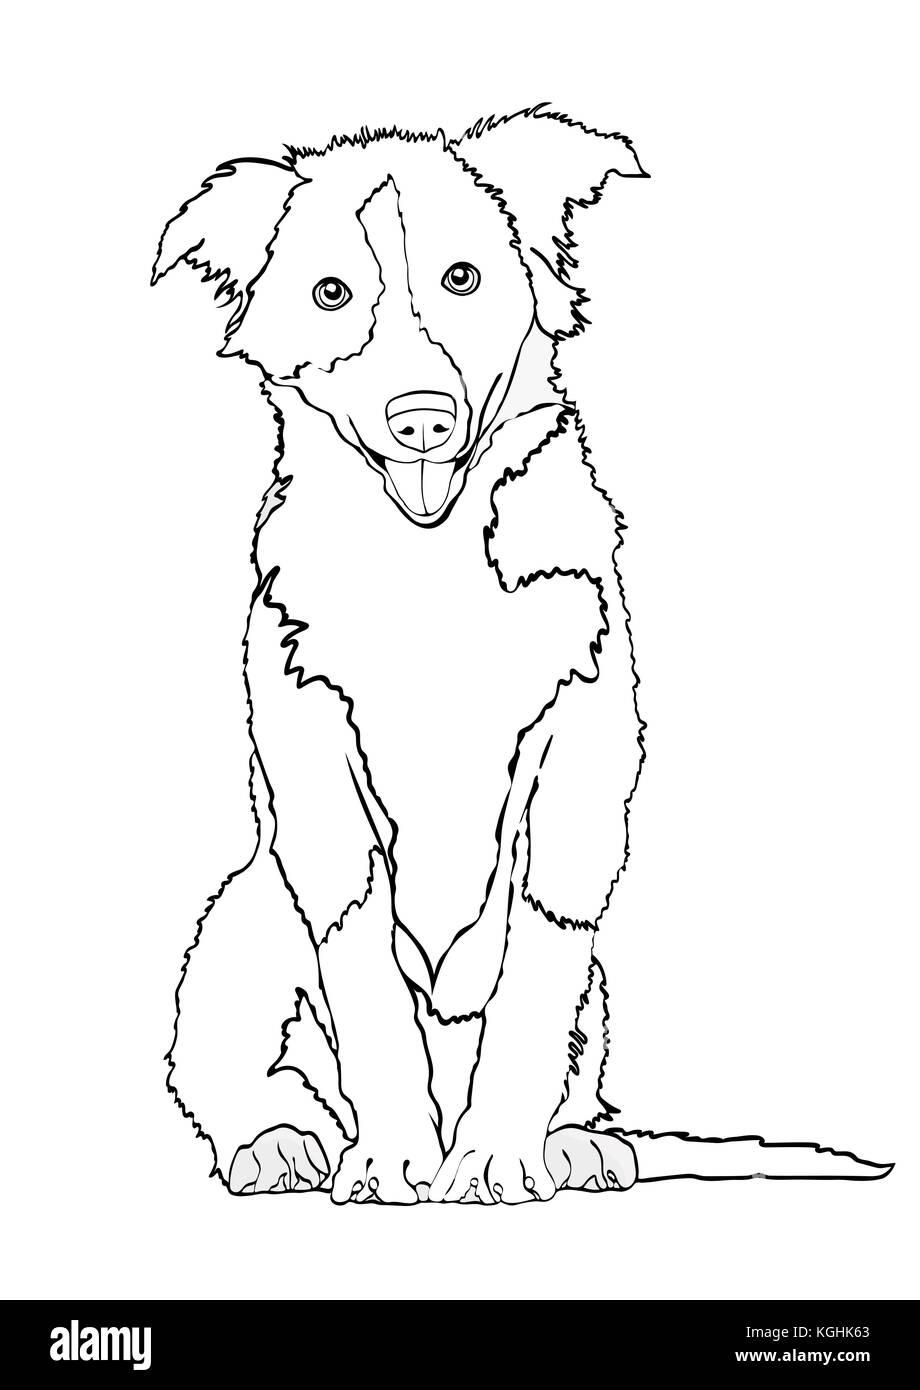 Perro contorno vectorial dibujo, Boceto, libro para colorear ...